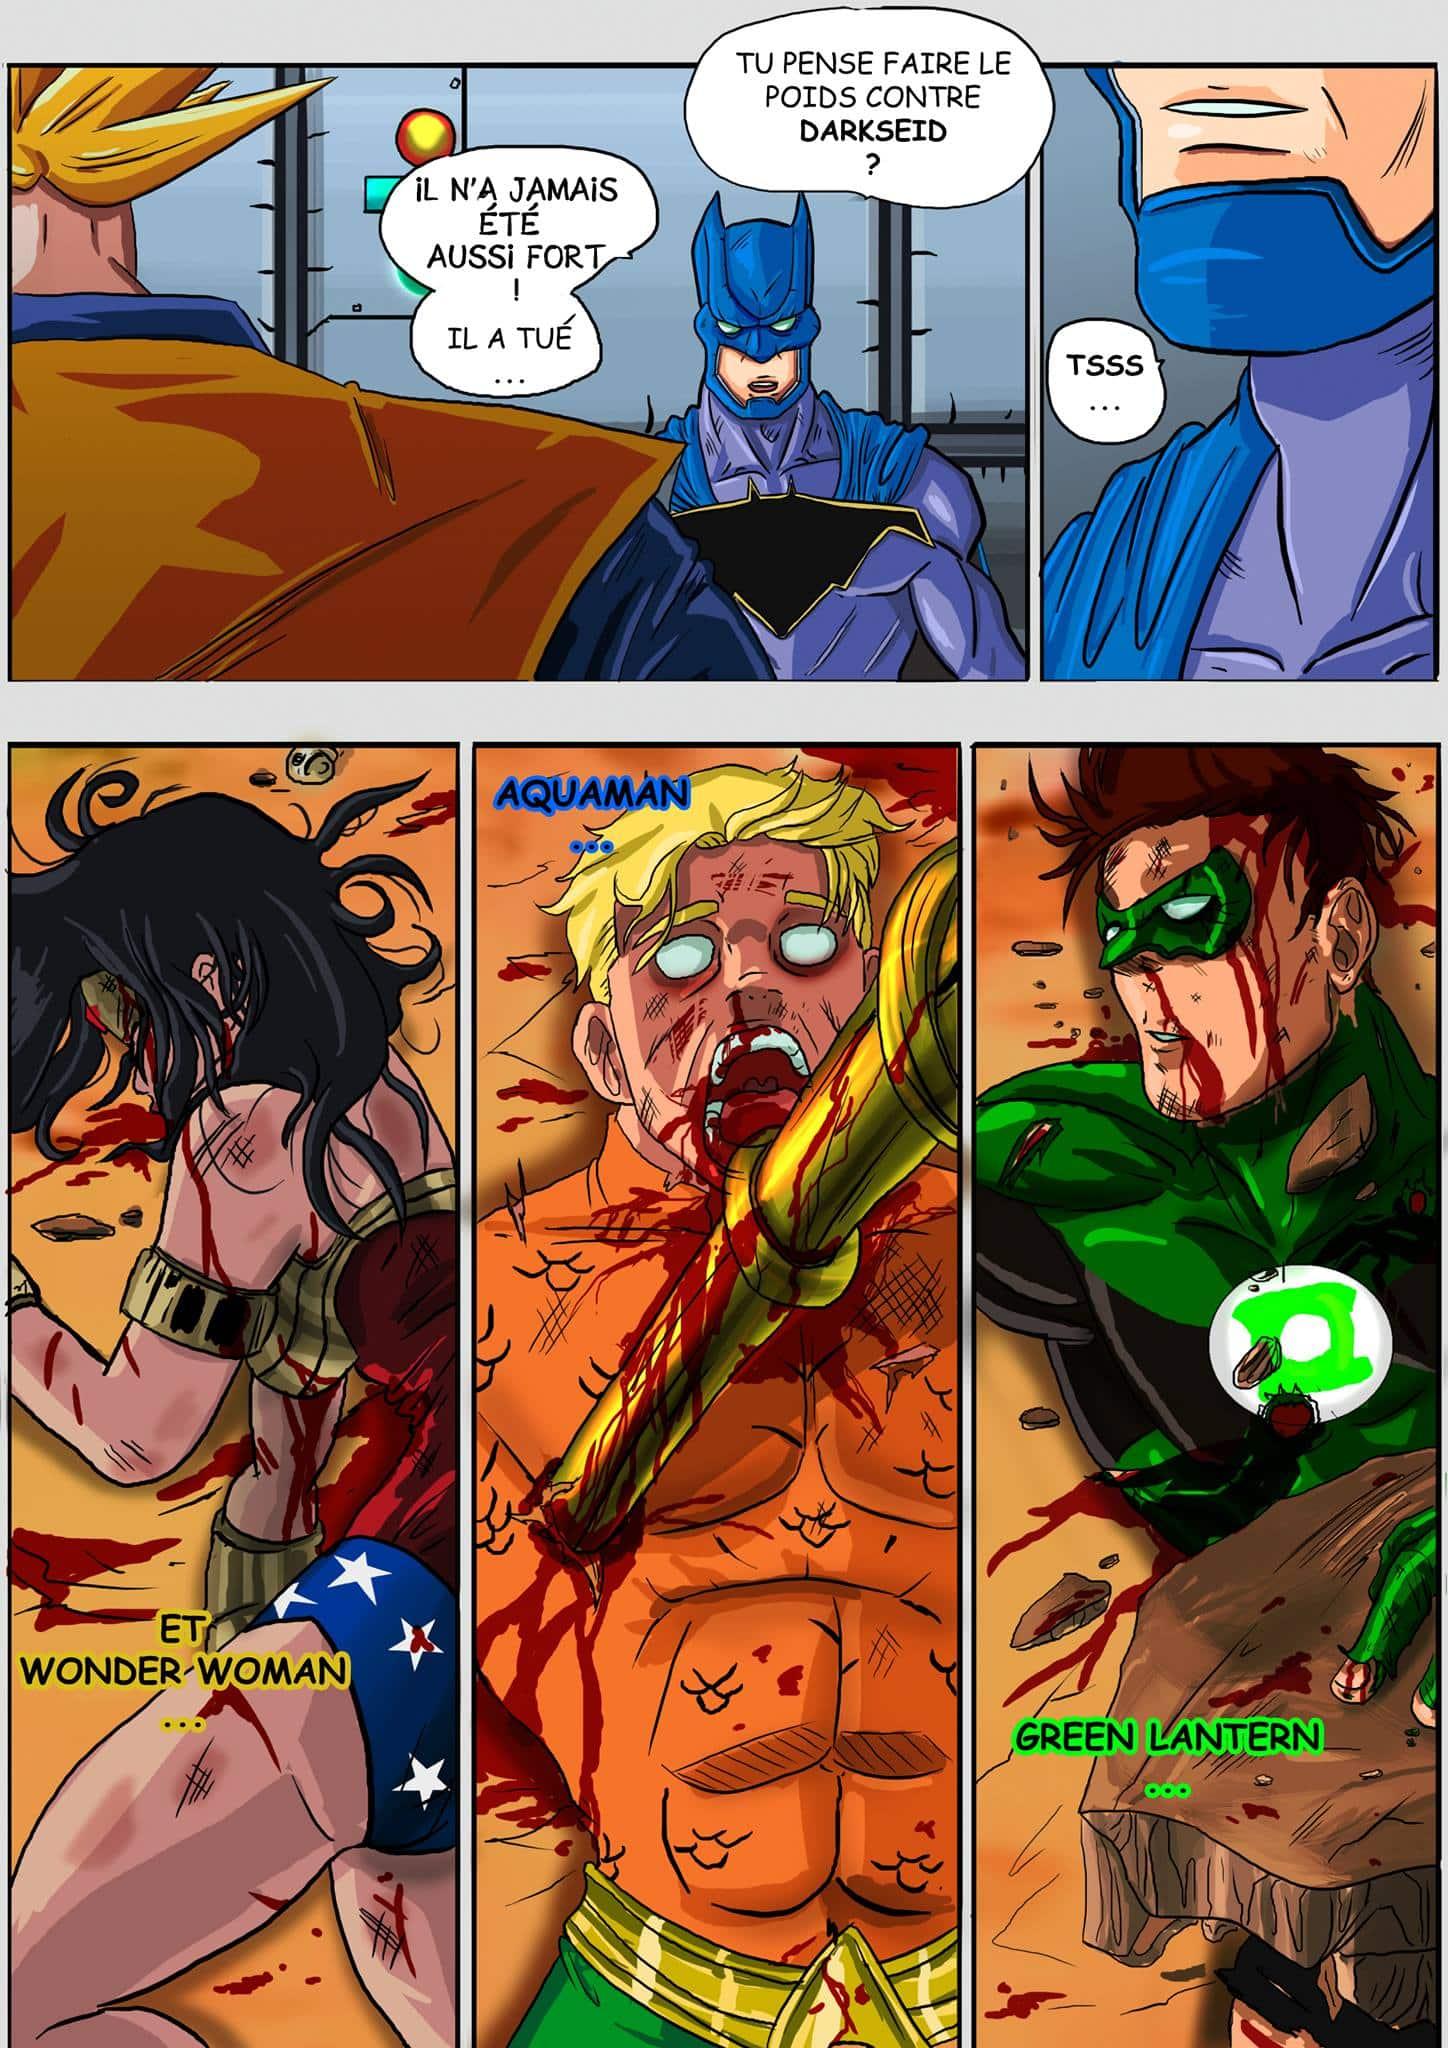 Justice league goku - 4